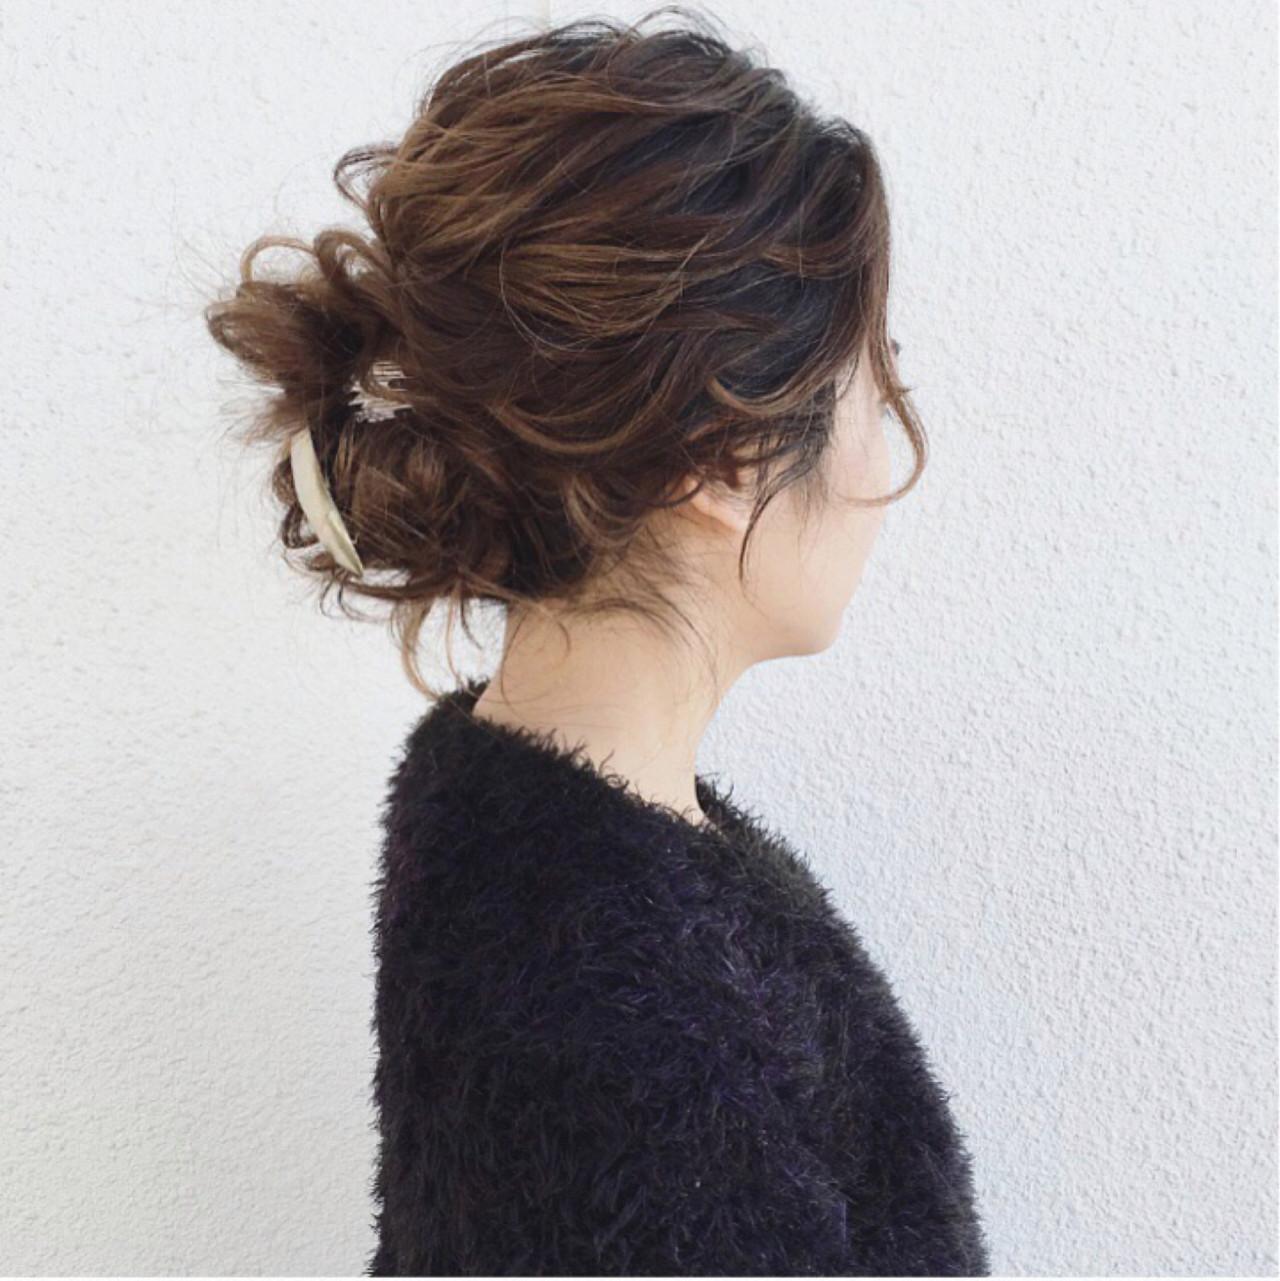 ナチュラル ガーリー 大人かわいい ミディアム ヘアスタイルや髪型の写真・画像